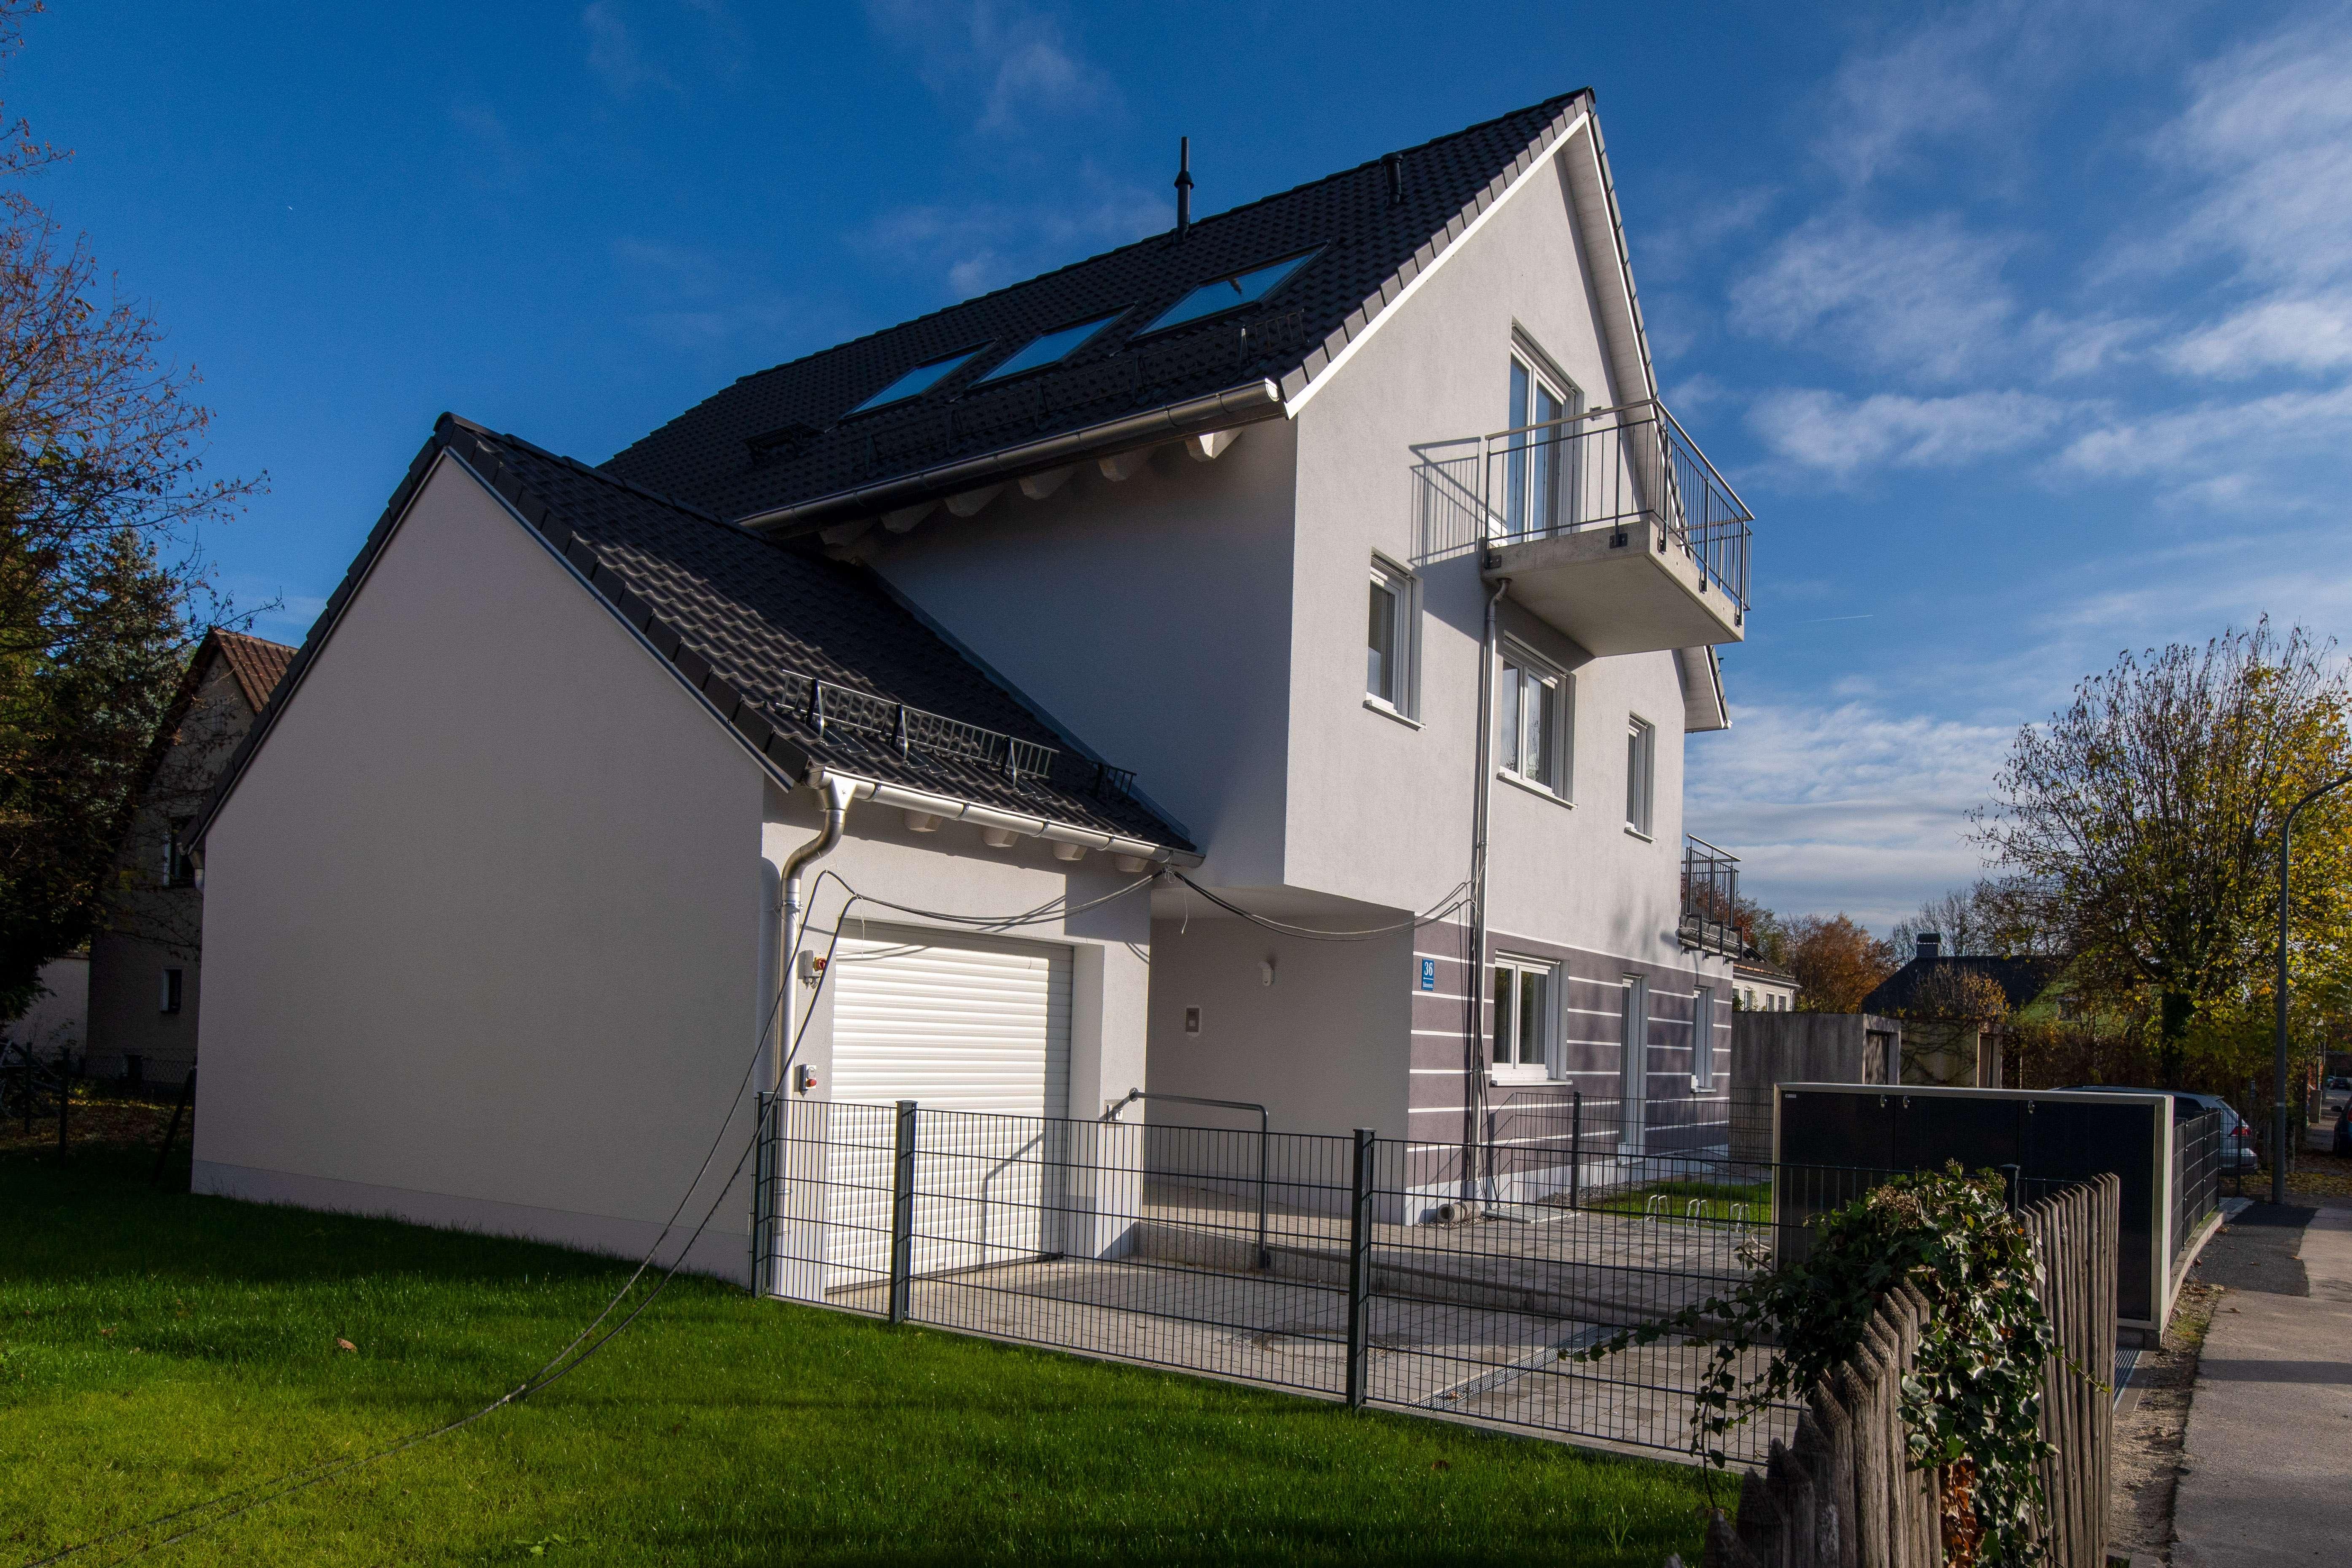 Erstbezug von Privat : 3-Zimmer-EG-Wohnung in Altaubing, München in Aubing (München)